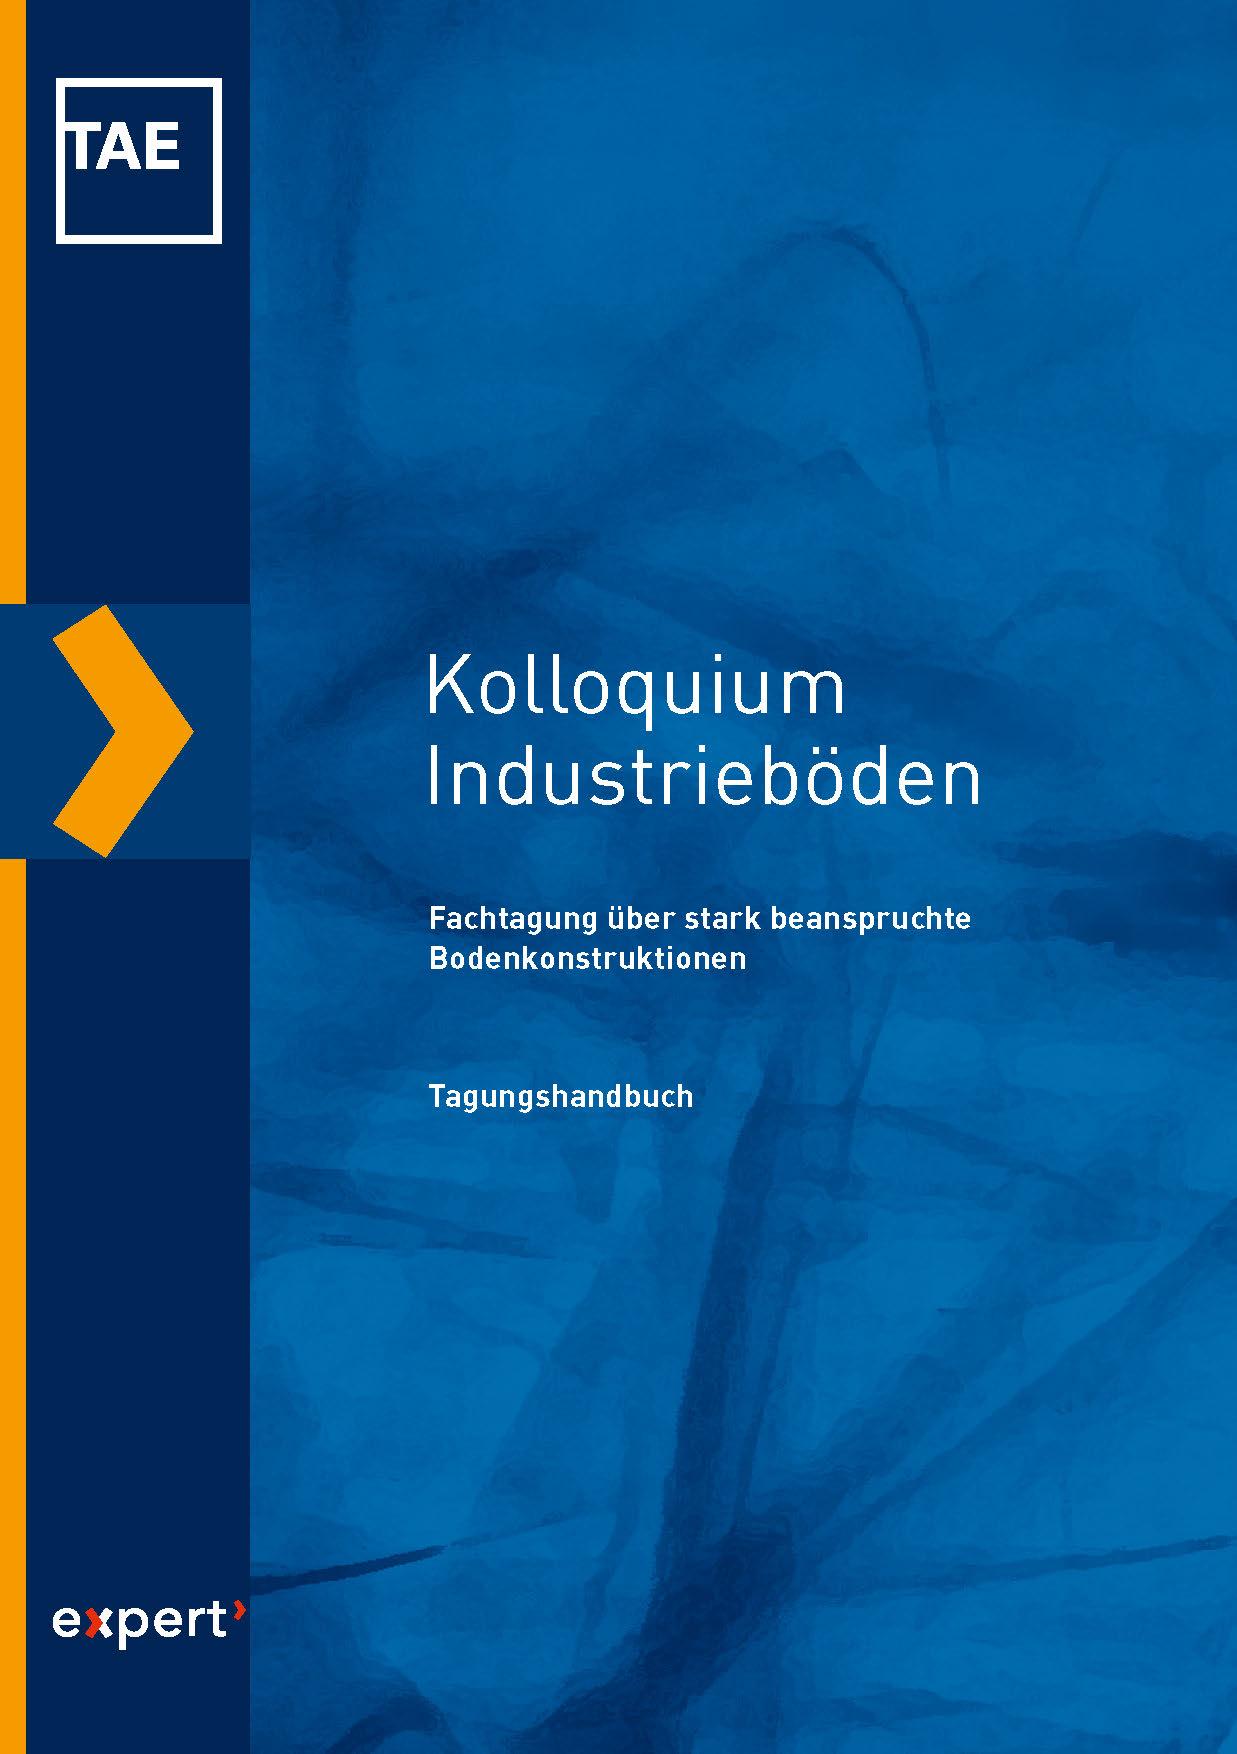 Kolloquium Industrieböden